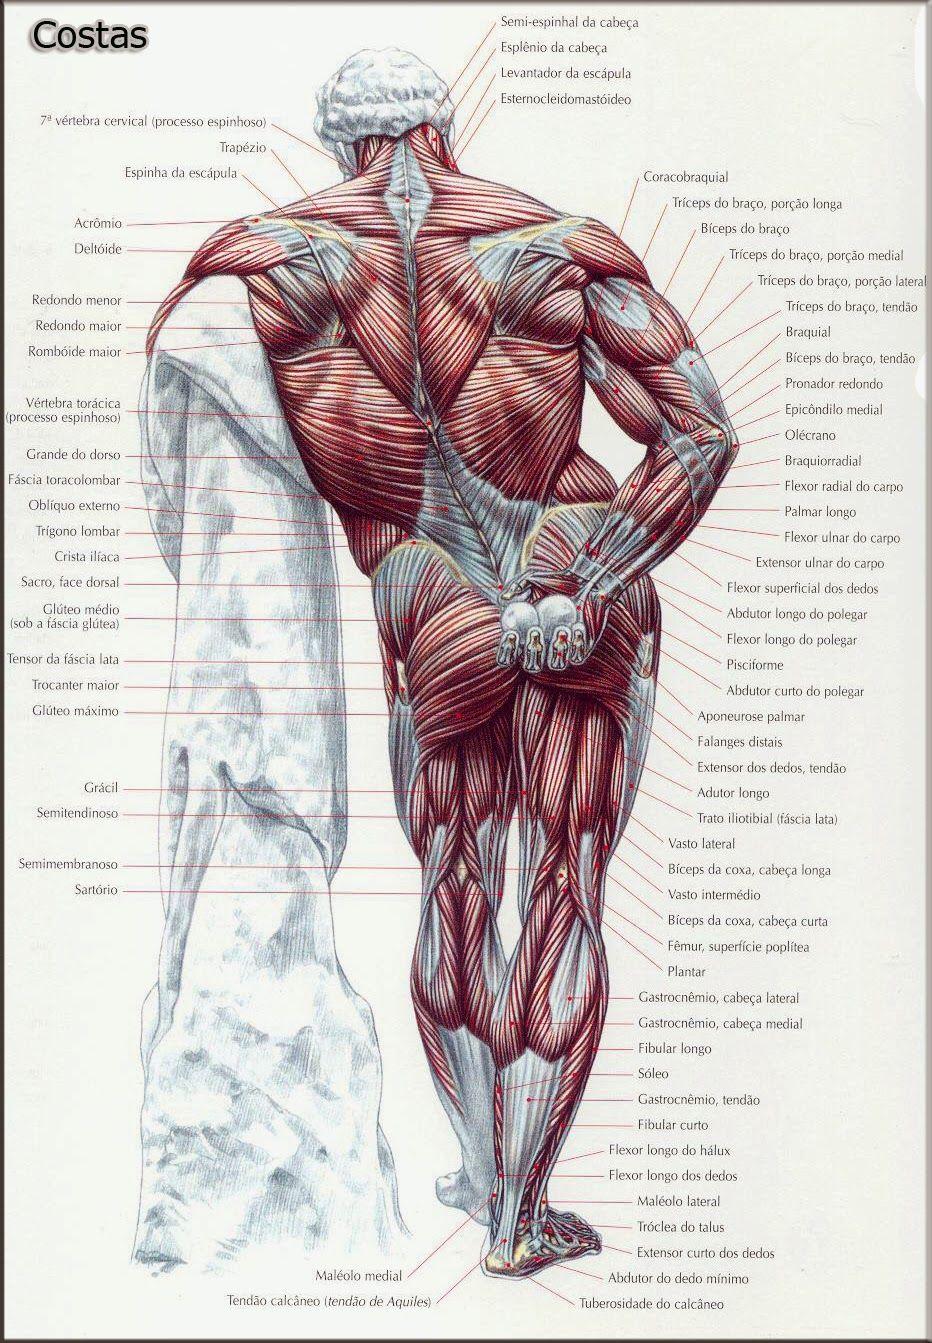 Pin de Hector Roble en Gym guía | Pinterest | Anatomía muscular ...